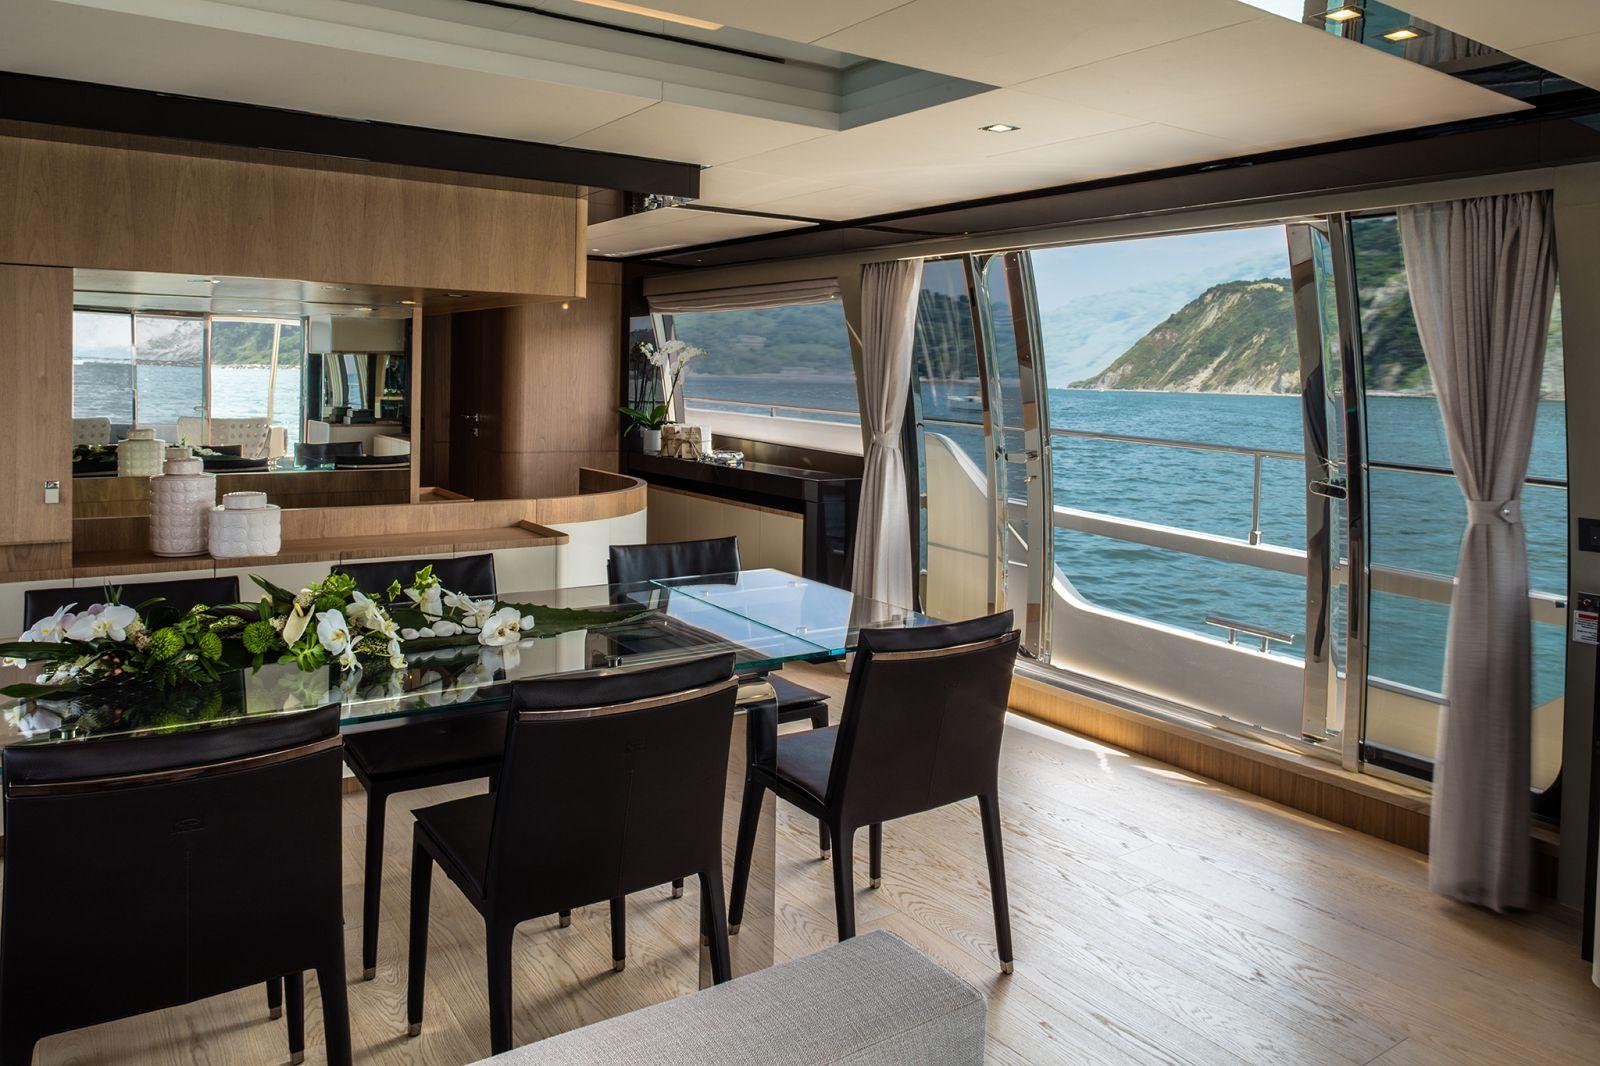 Ferretti Yachts 960 Salon - New Luxury Superyach for Sale >